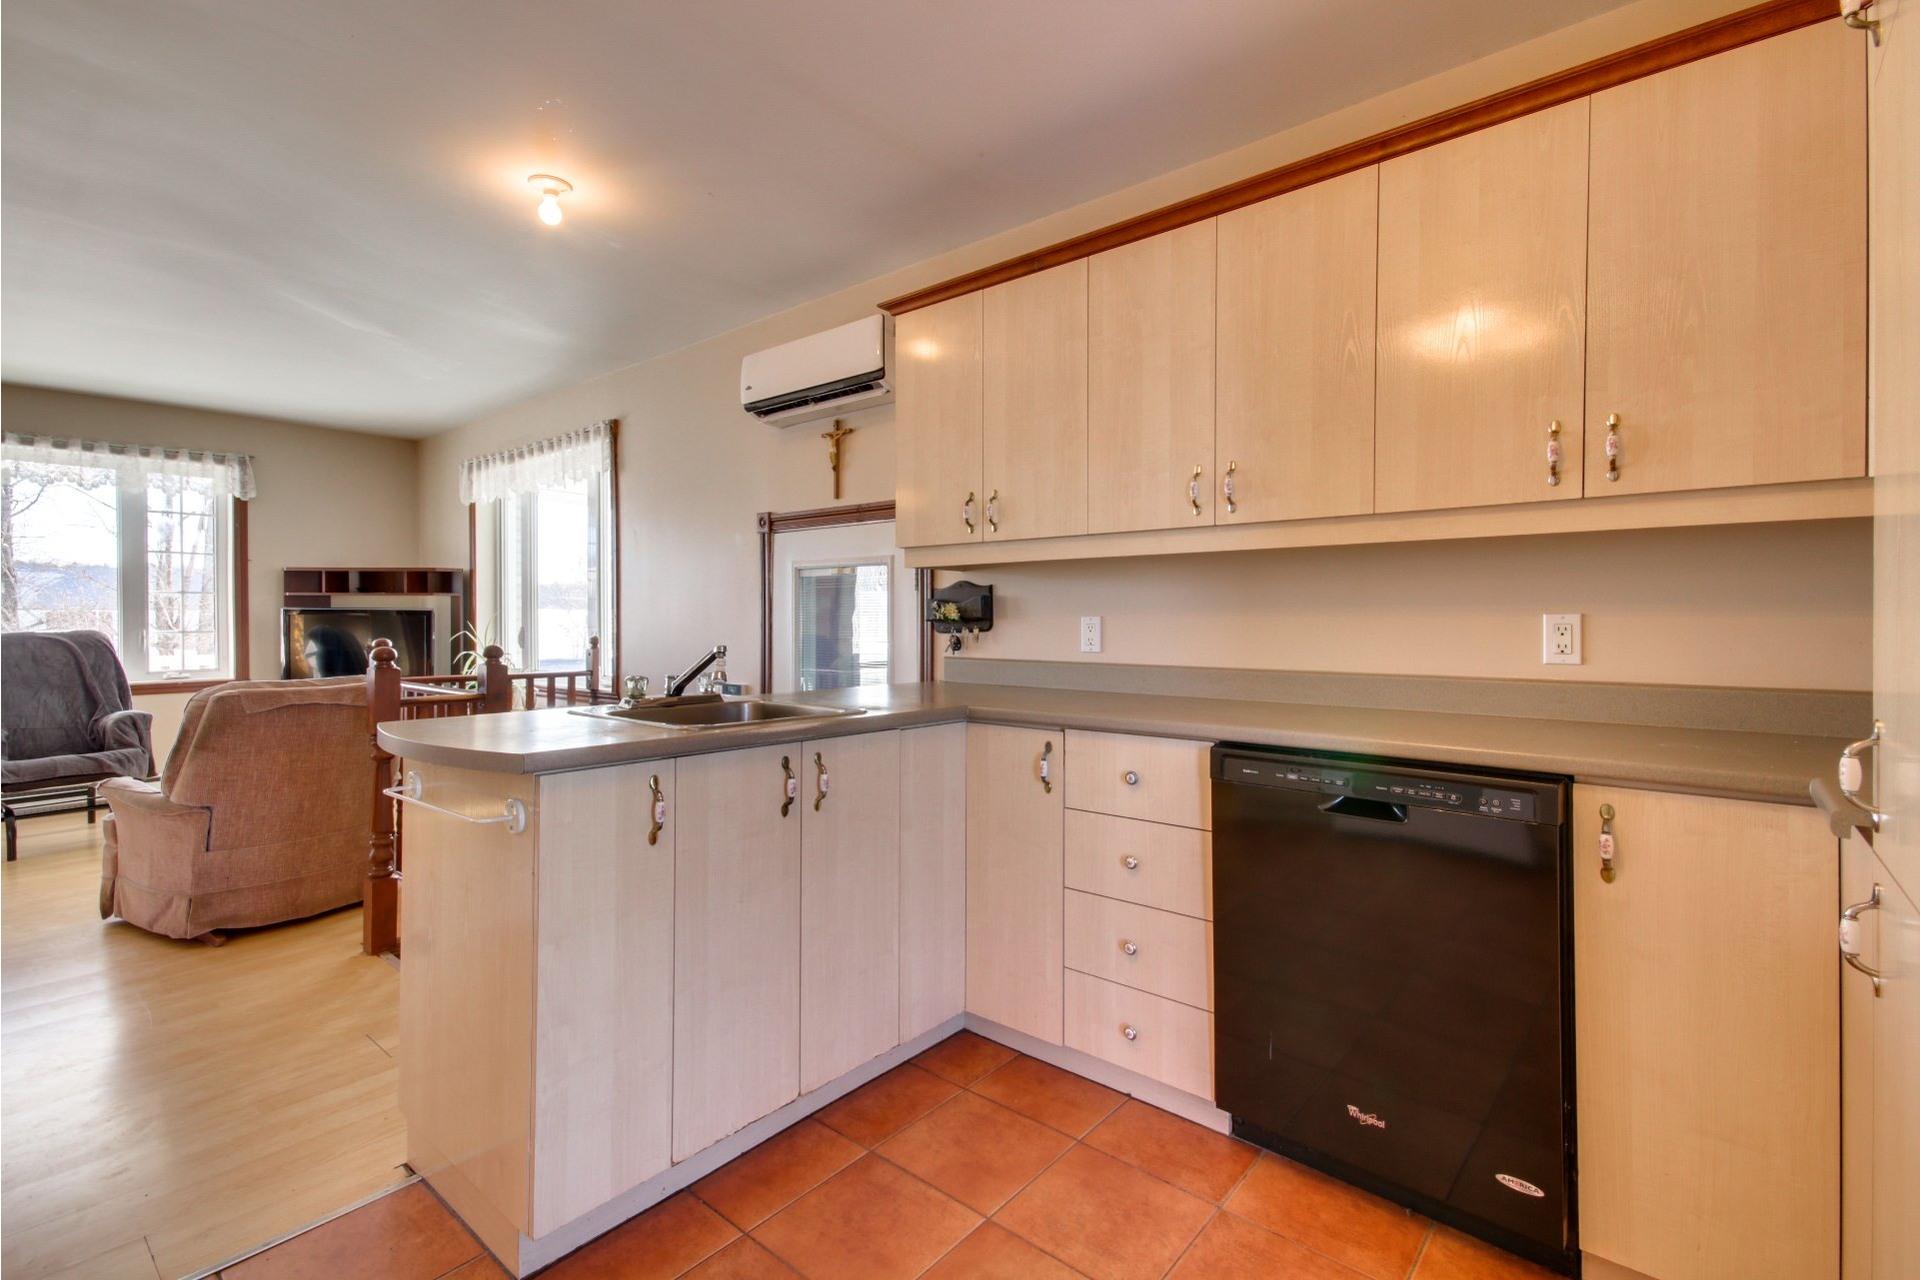 image 9 - House For sale Saint-Pierre-les-Becquets - 8 rooms